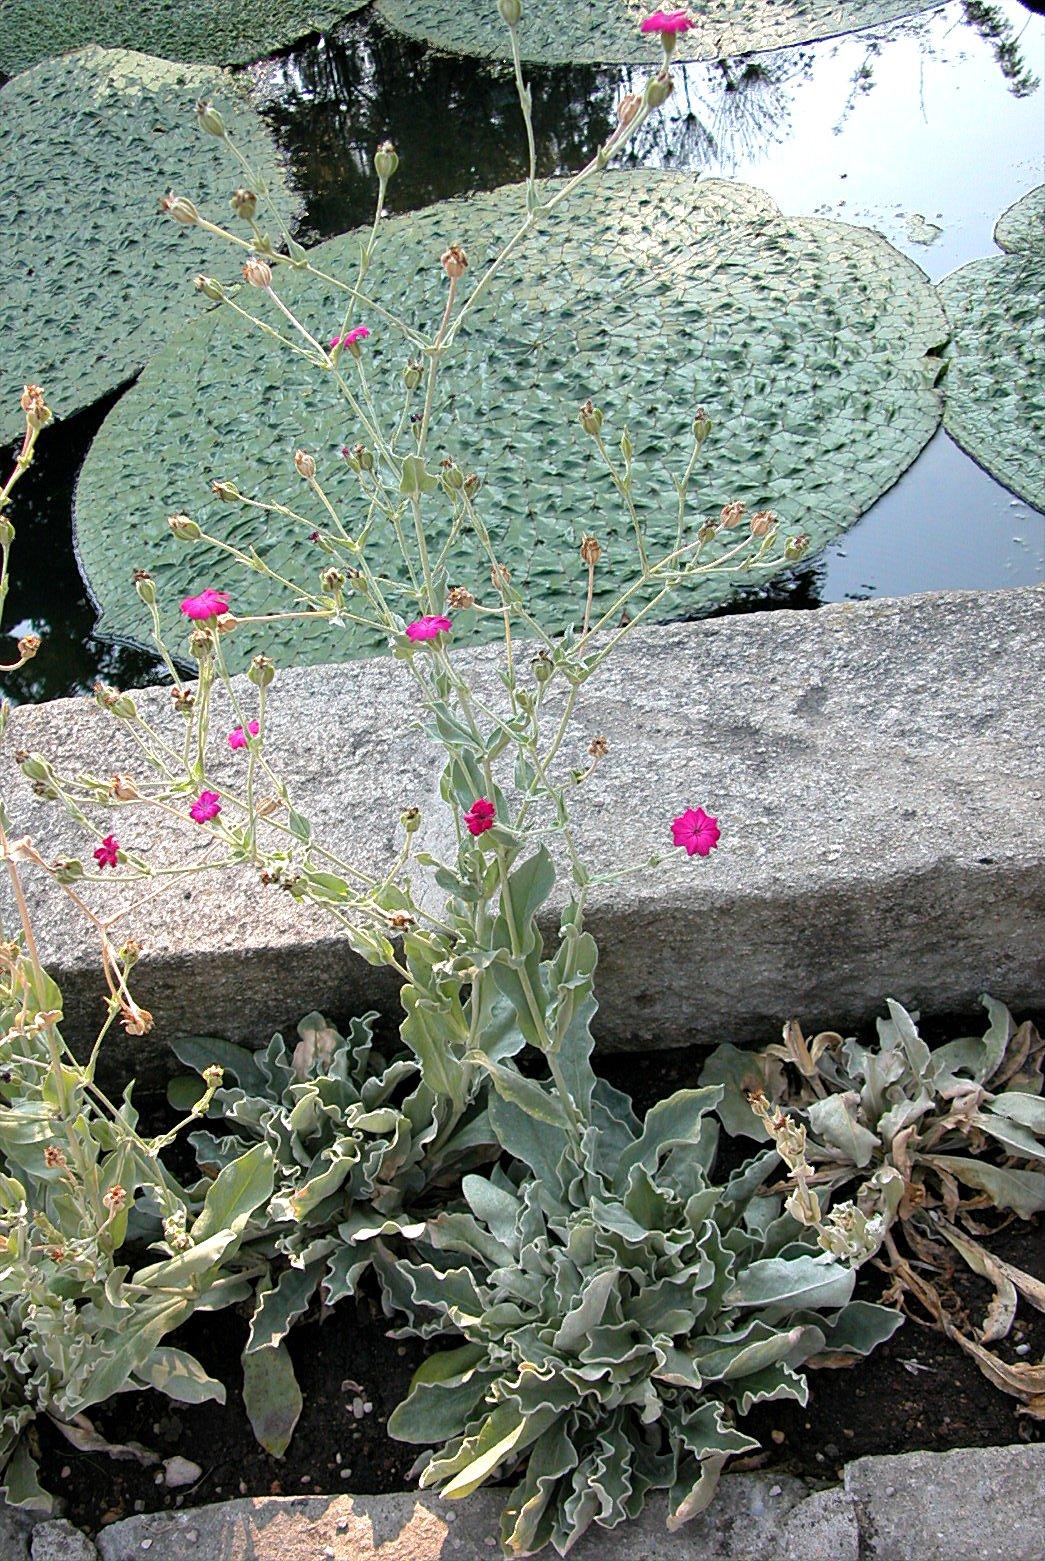 © Dipartimento di Scienze della Vita, Università degli Studi di Trieste<br>by Andrea Moro<br>Comune di Padova, Orto Botanico. , PD, Veneto, Italia, 31/7/04 0.00.00<br>Distributed under CC-BY-SA 4.0 license.